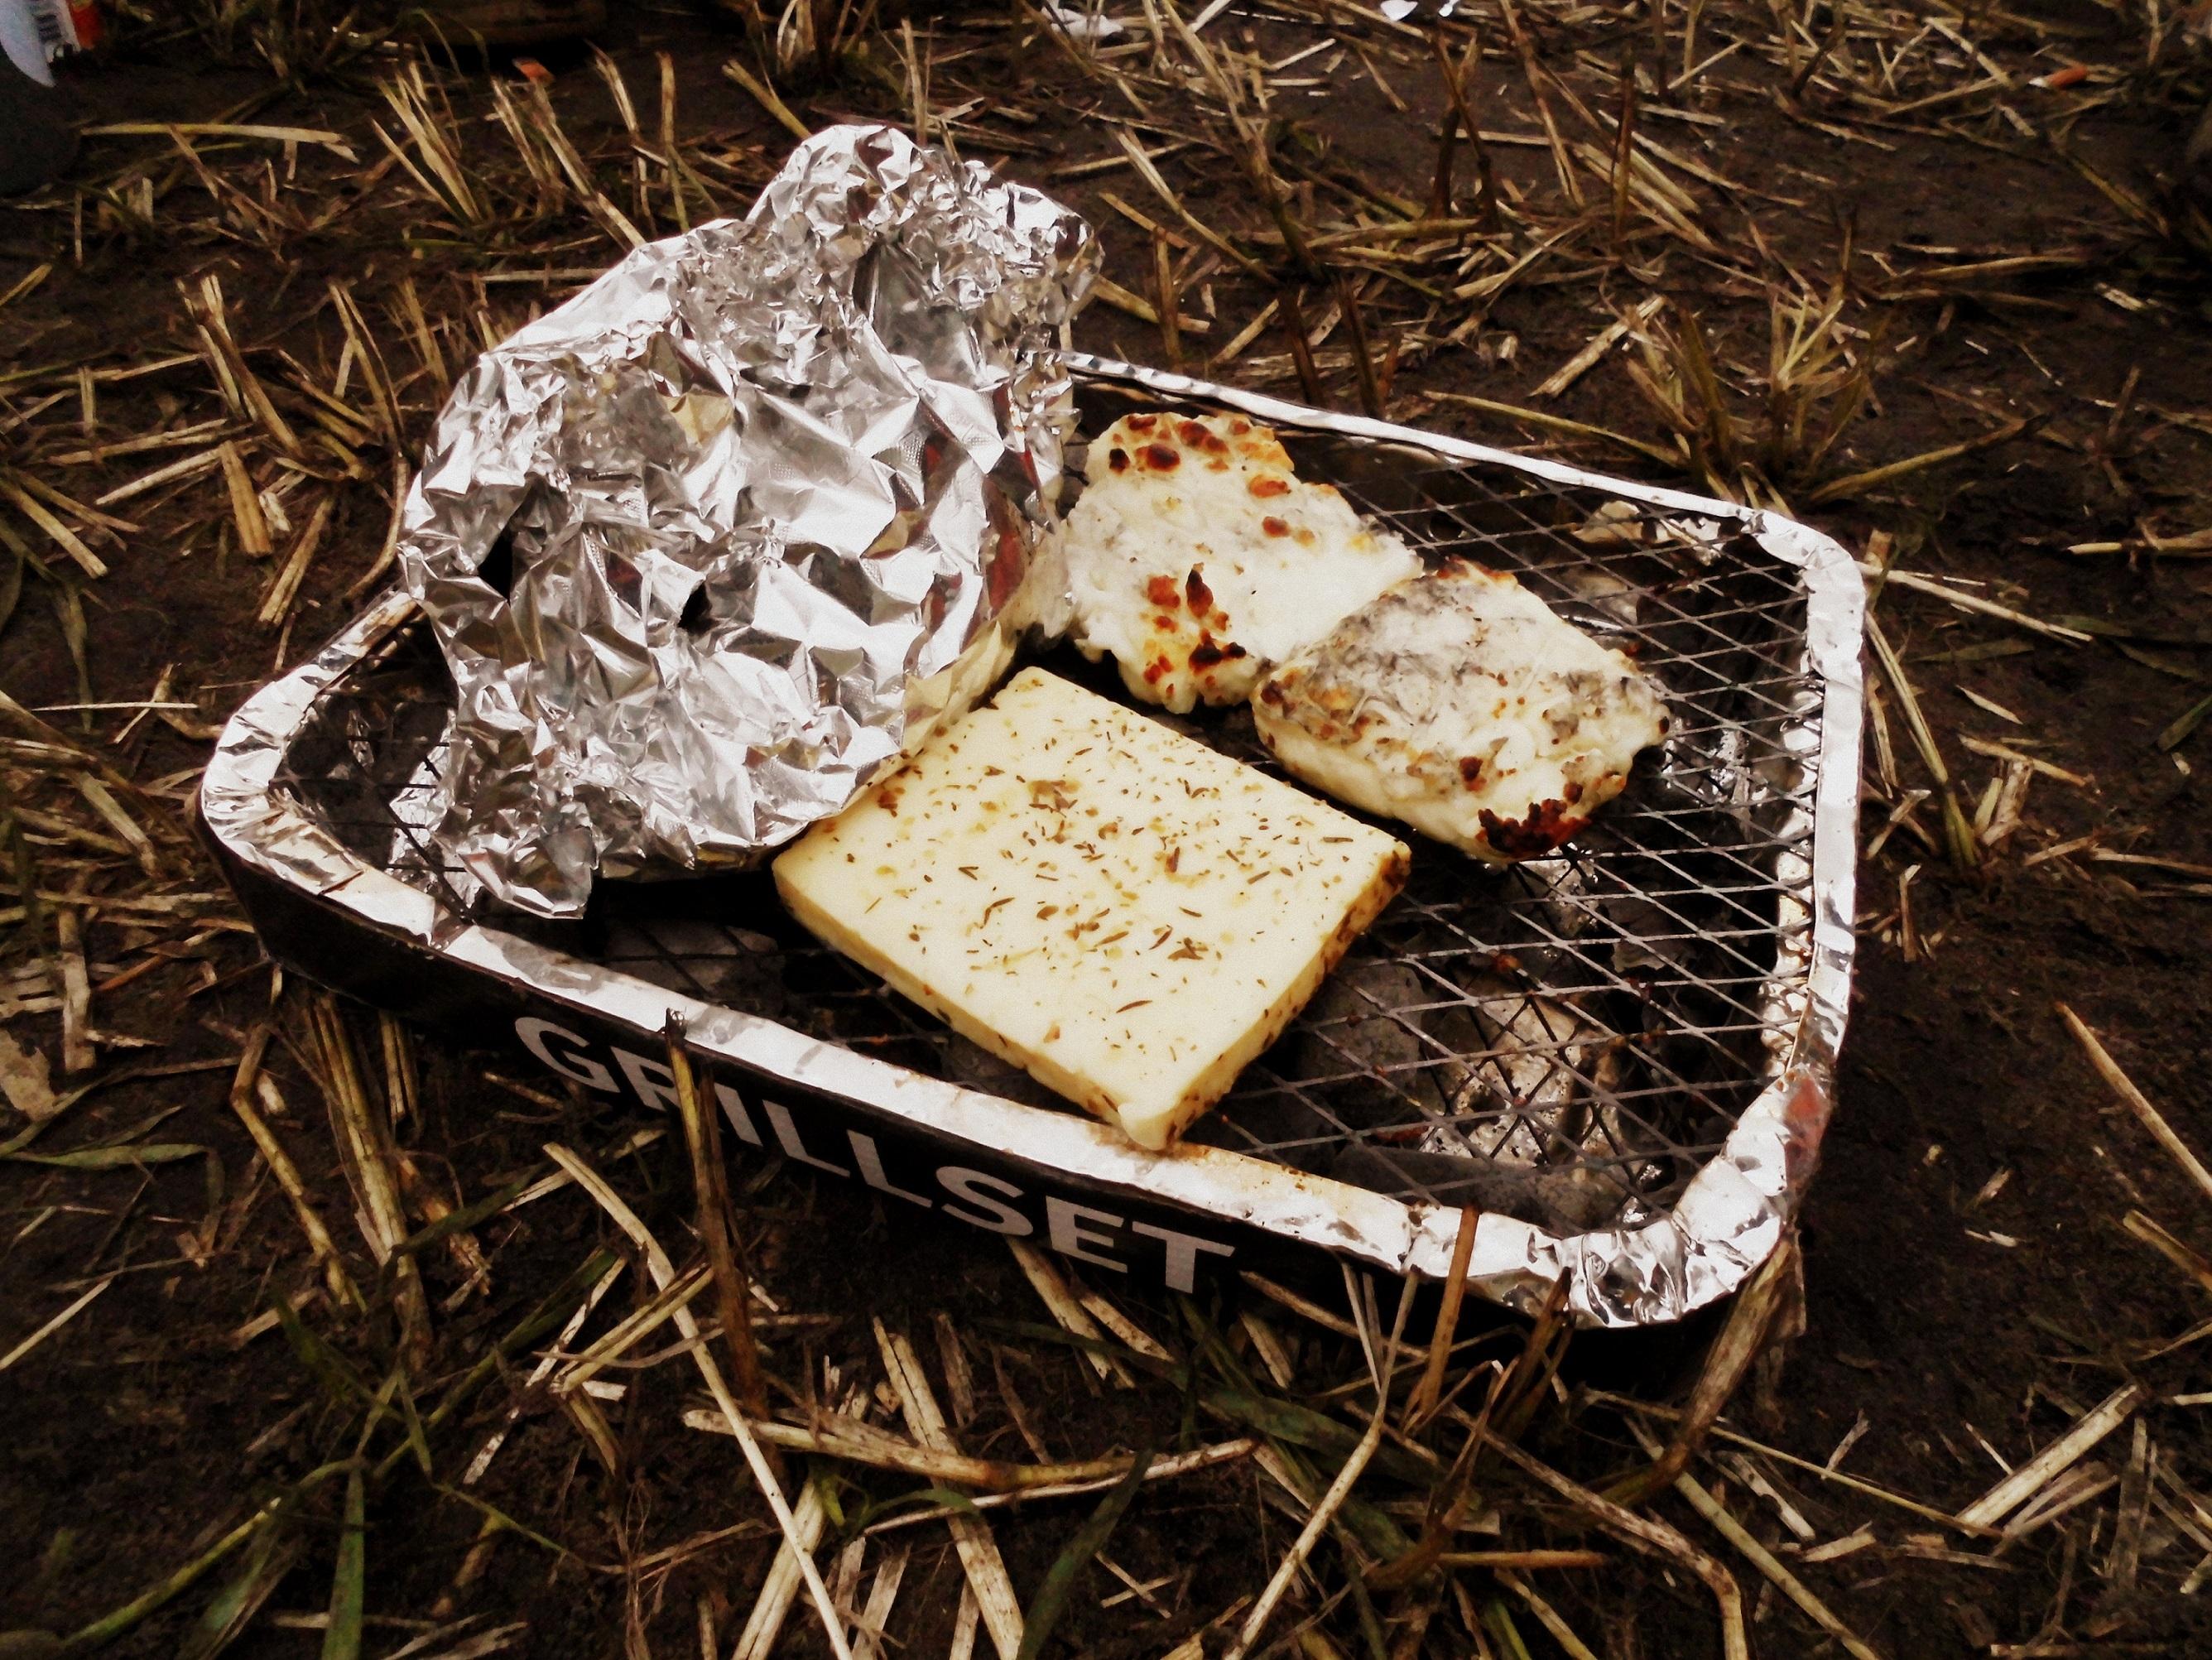 Frühstück auf dem Zeltplatz: Grillgemüse und Grillkäse